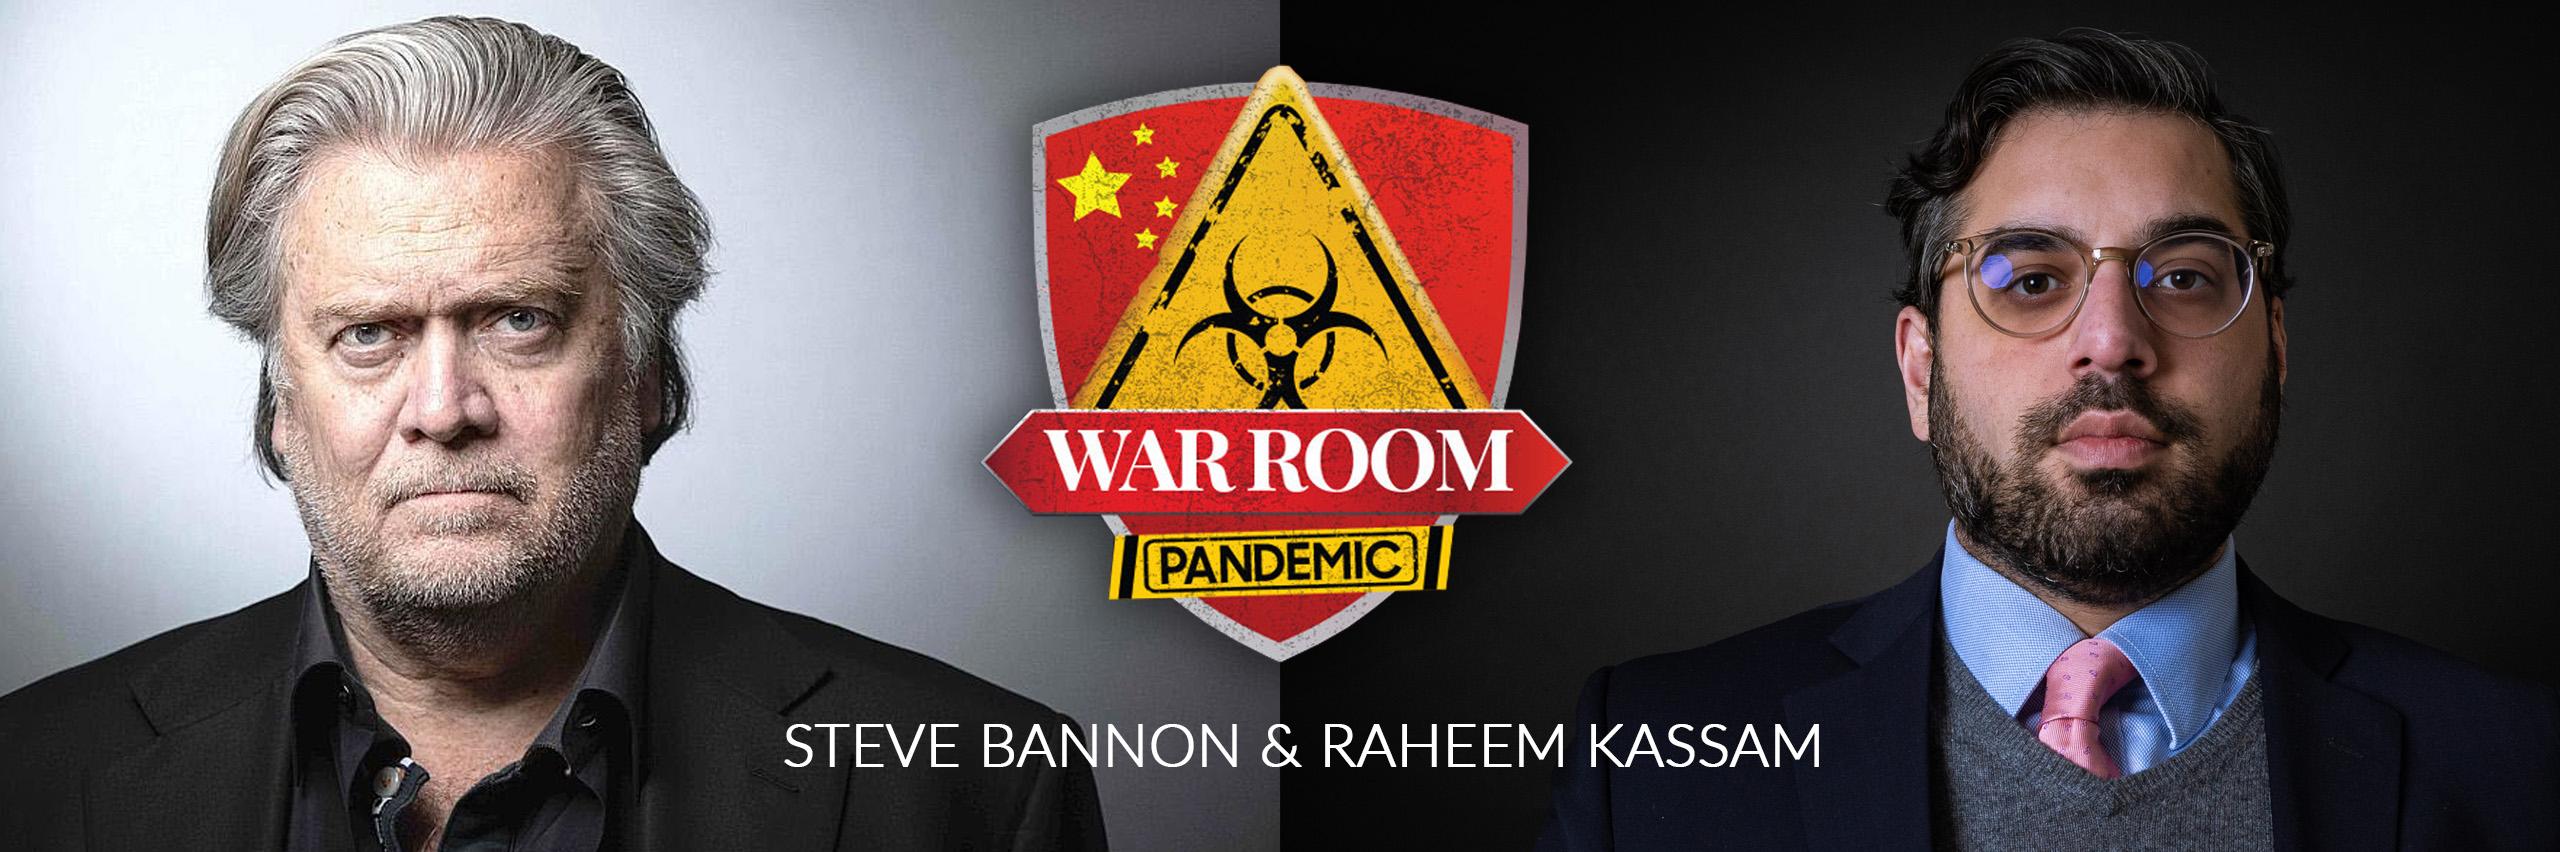 WarRoom-header2